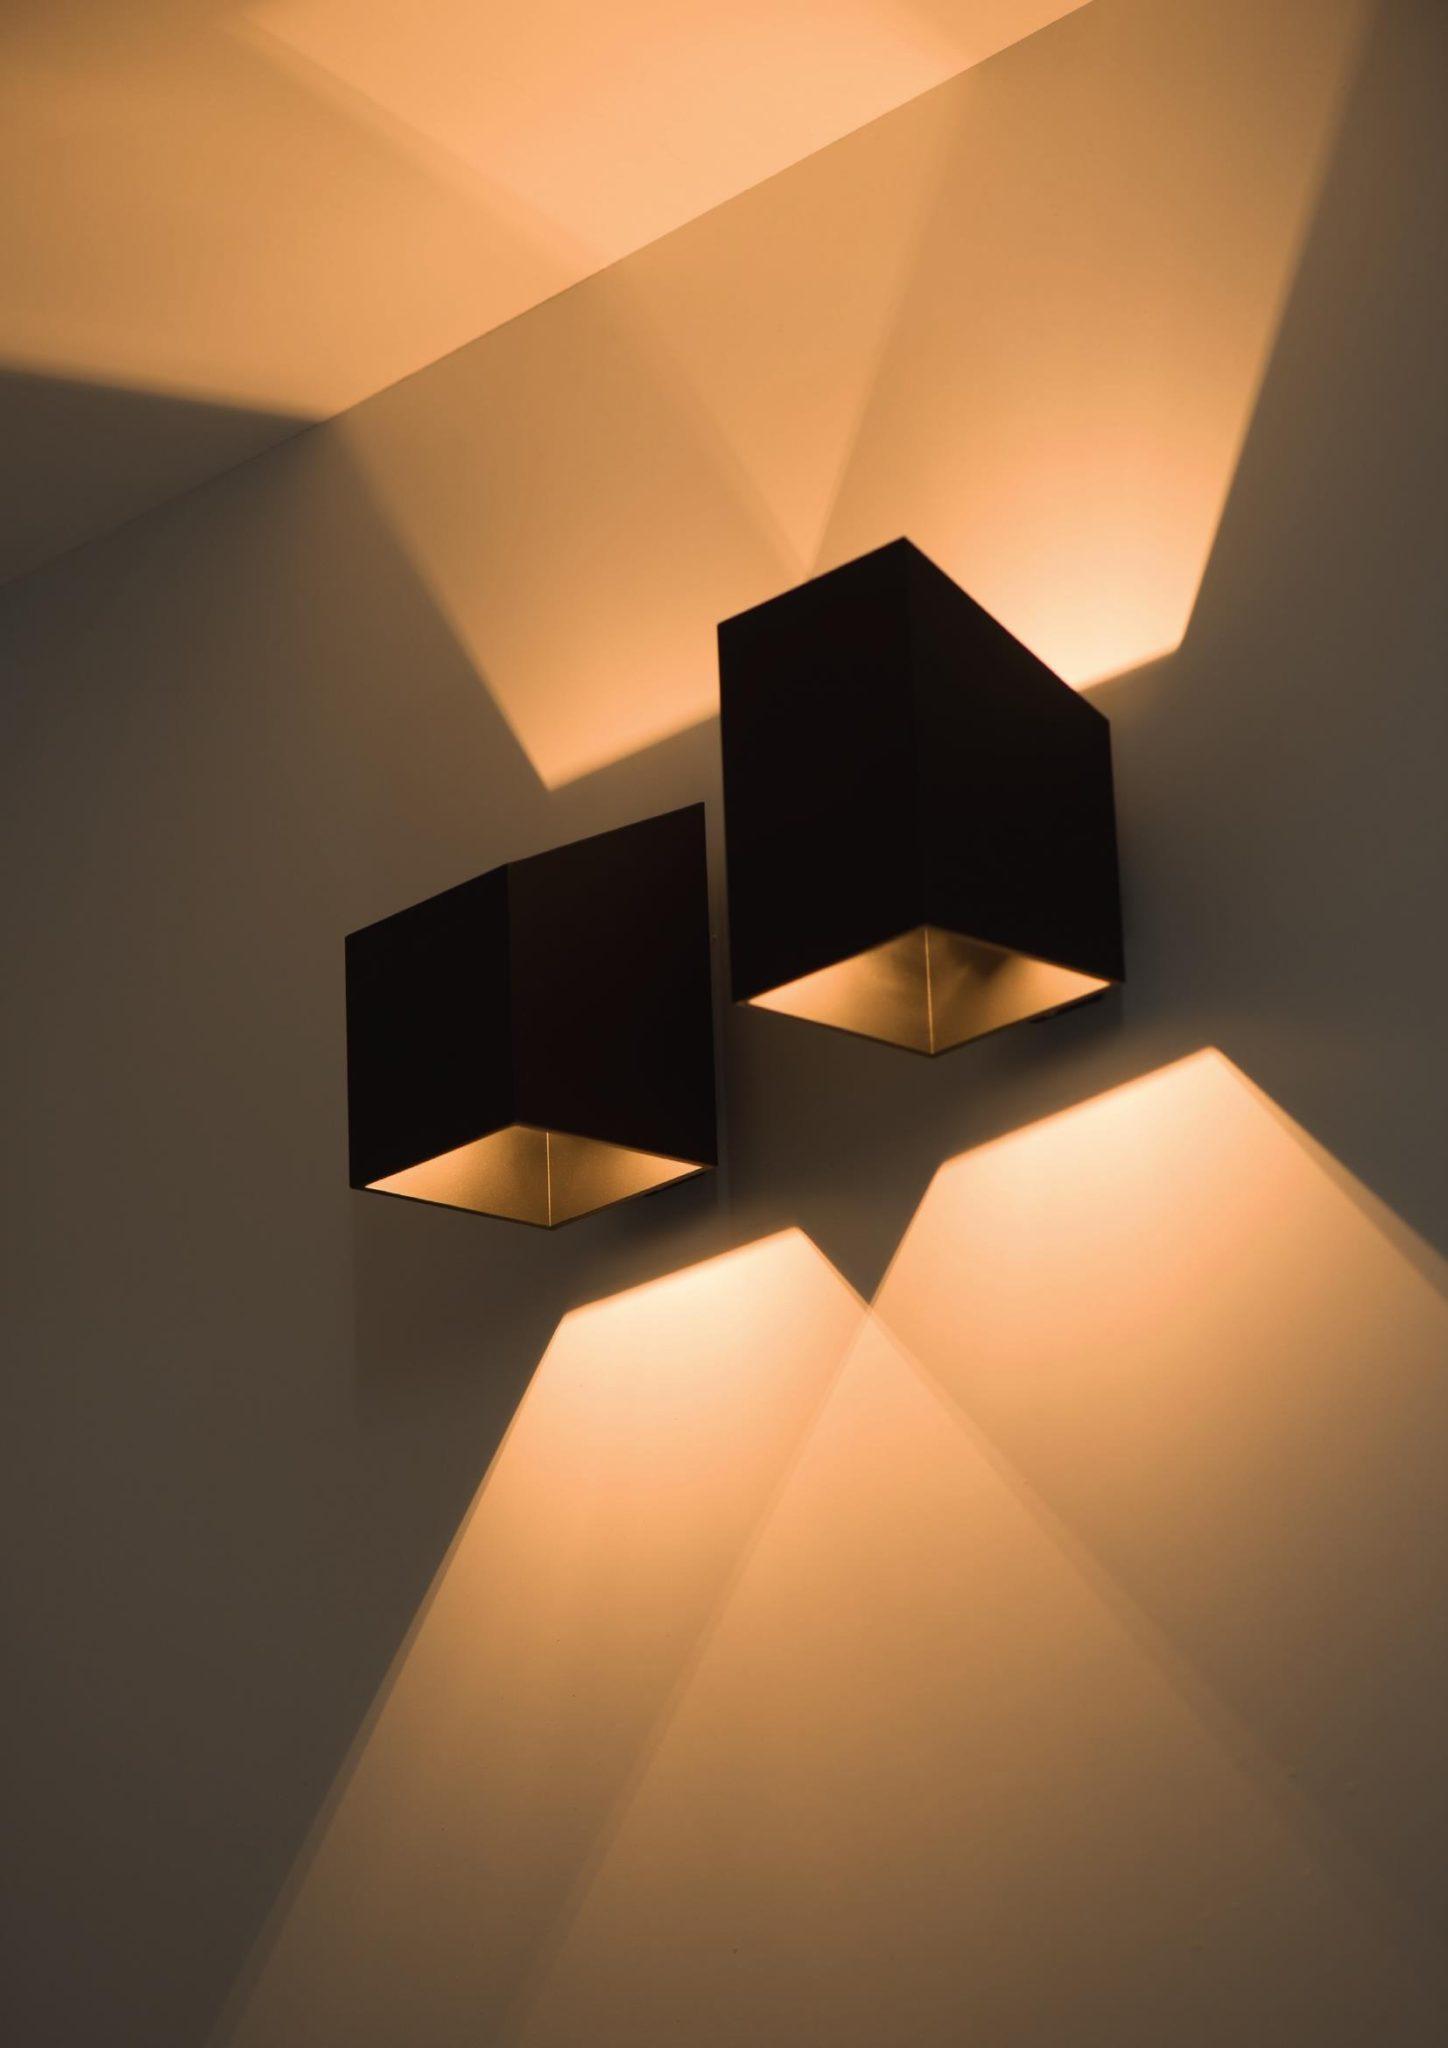 Lampy ścienne - kolor złota i czarny